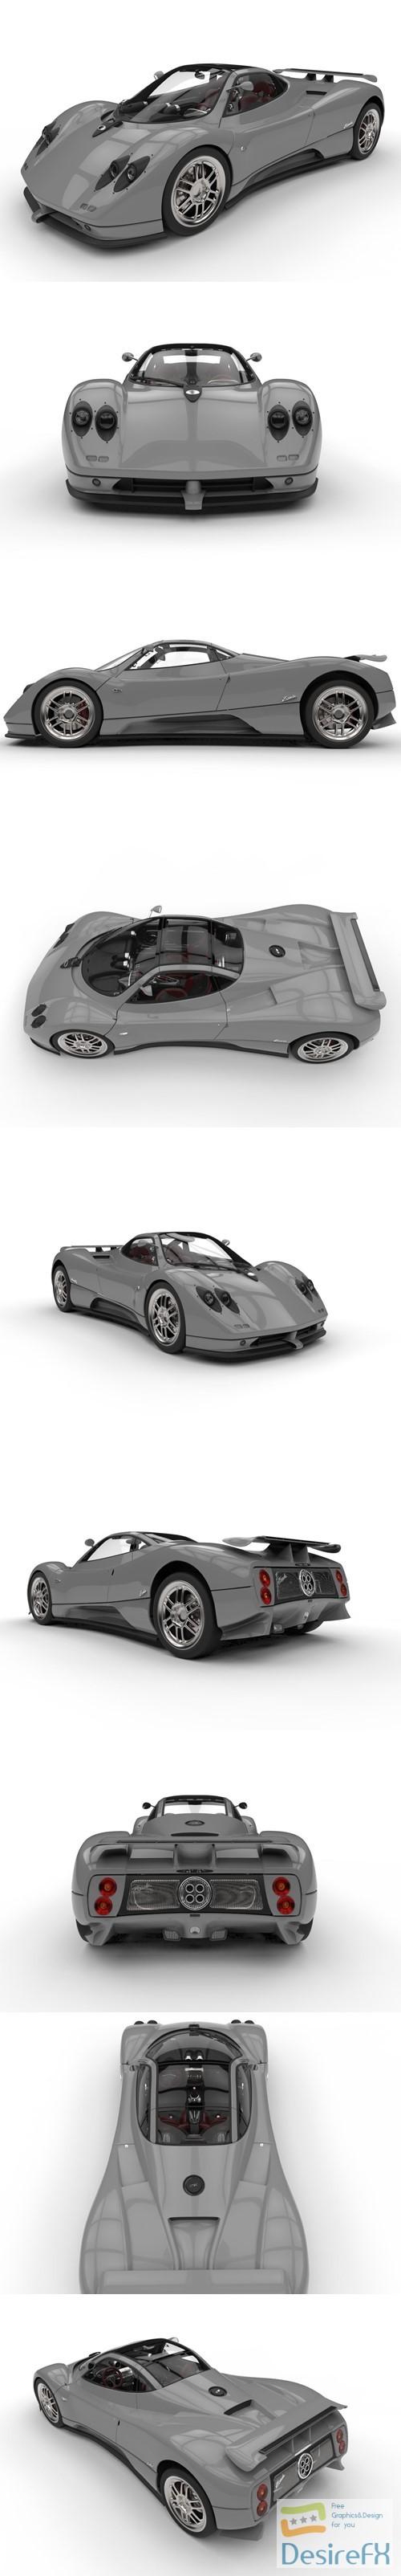 Pagani Zonda C12 Supercar 3D Model